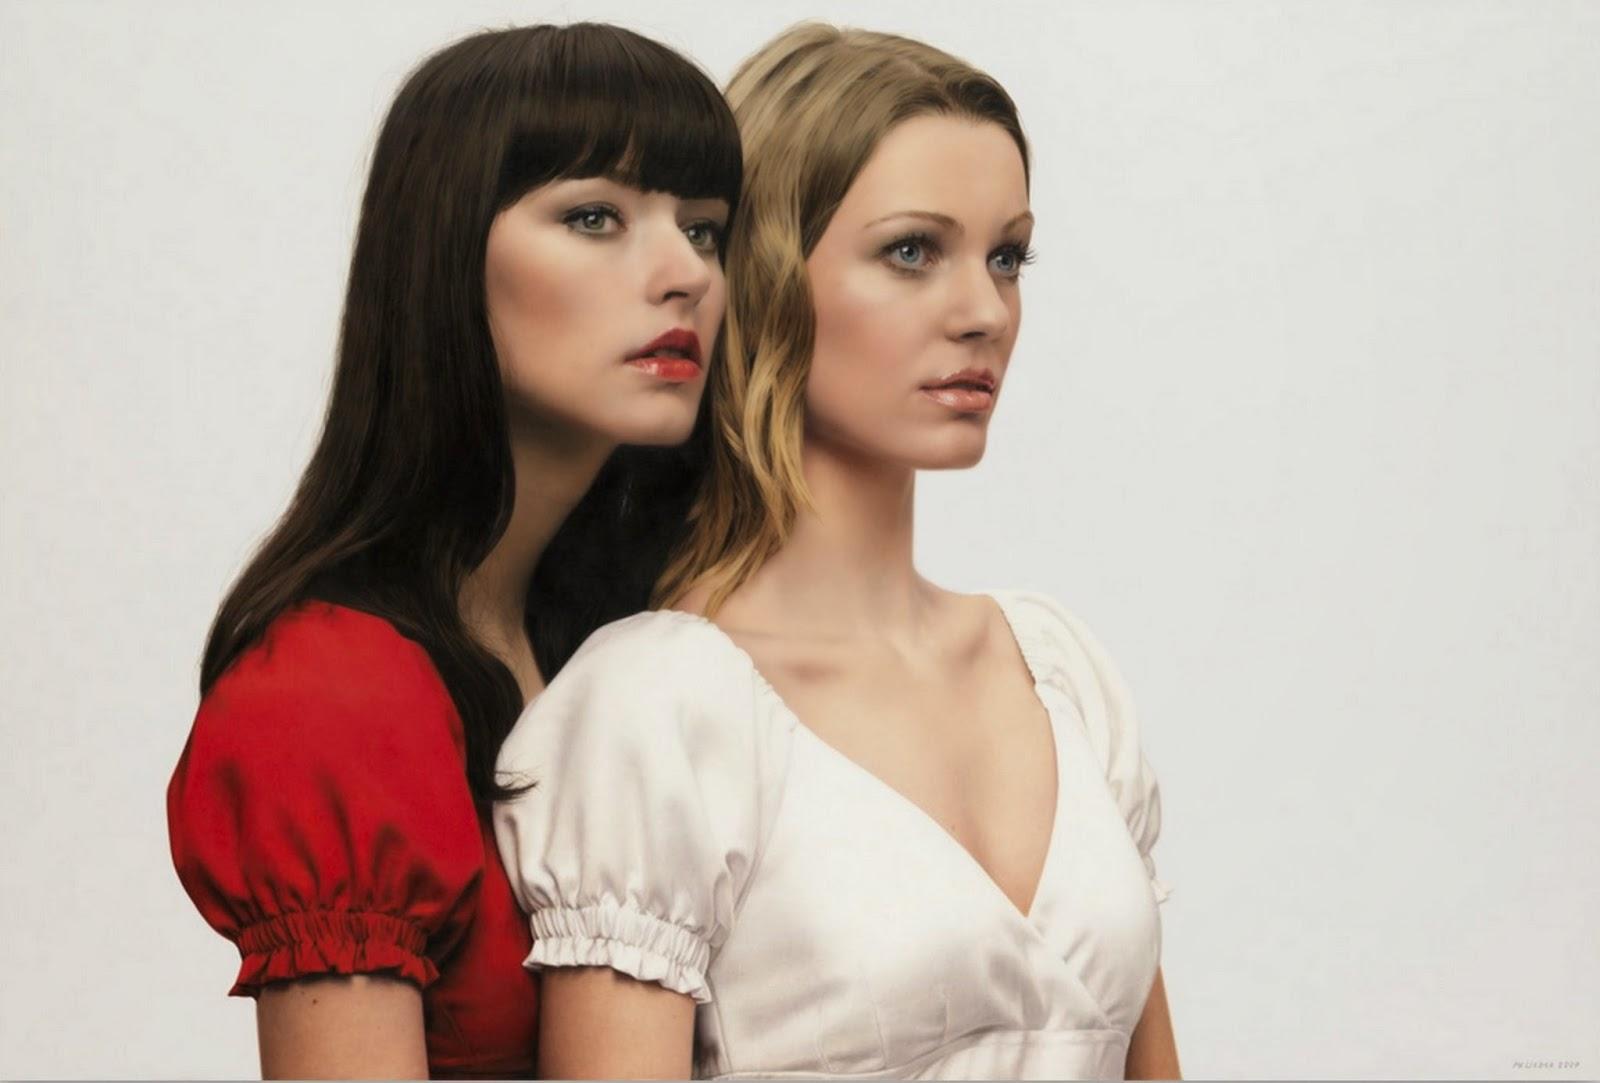 pinturas-de-mujeres-arte-hiperrealista